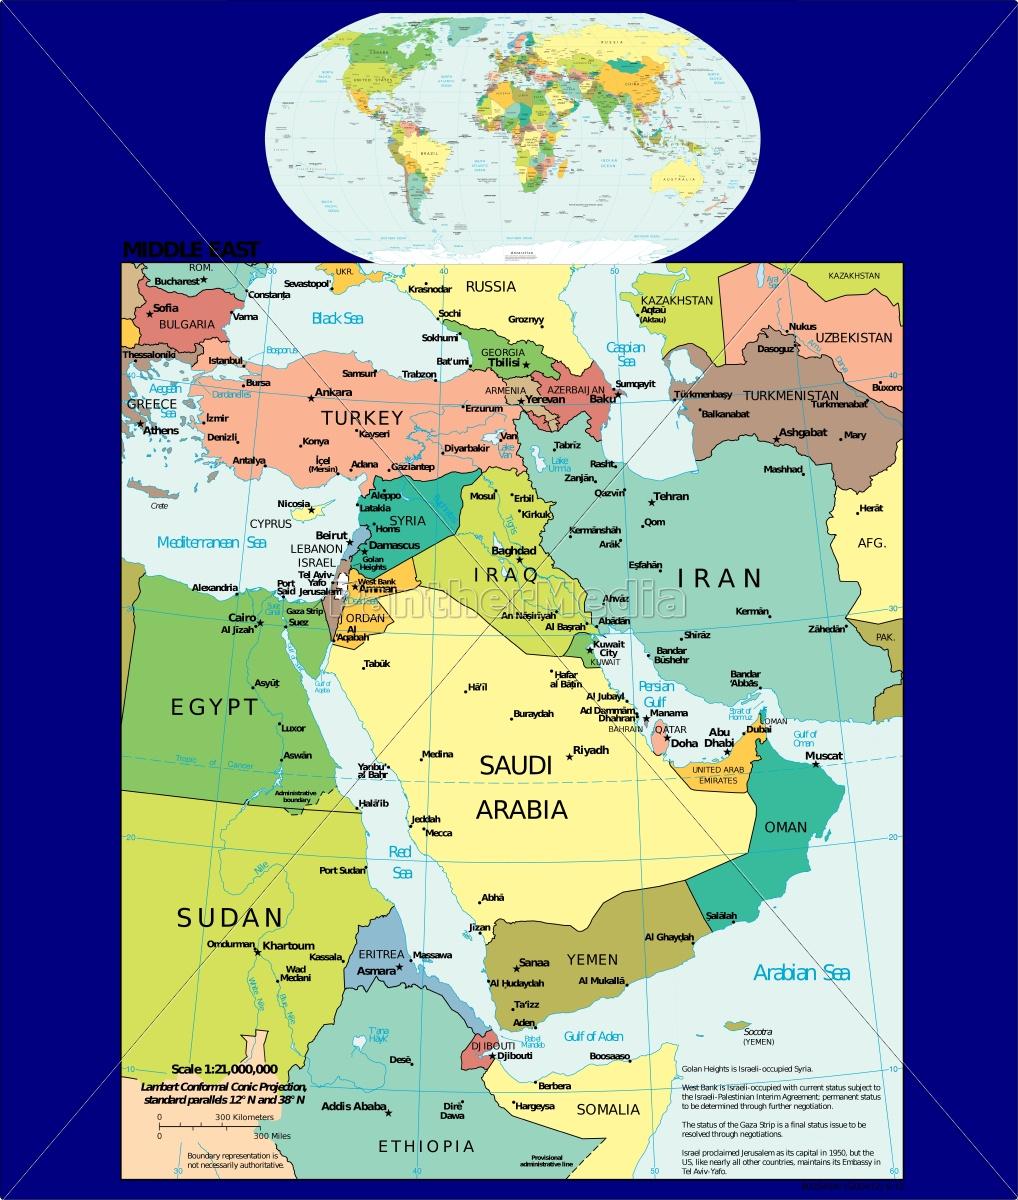 Doha Karte Welt.Lizenzfreie Vektorgrafik 14833231 Welt Und Nahost Karte